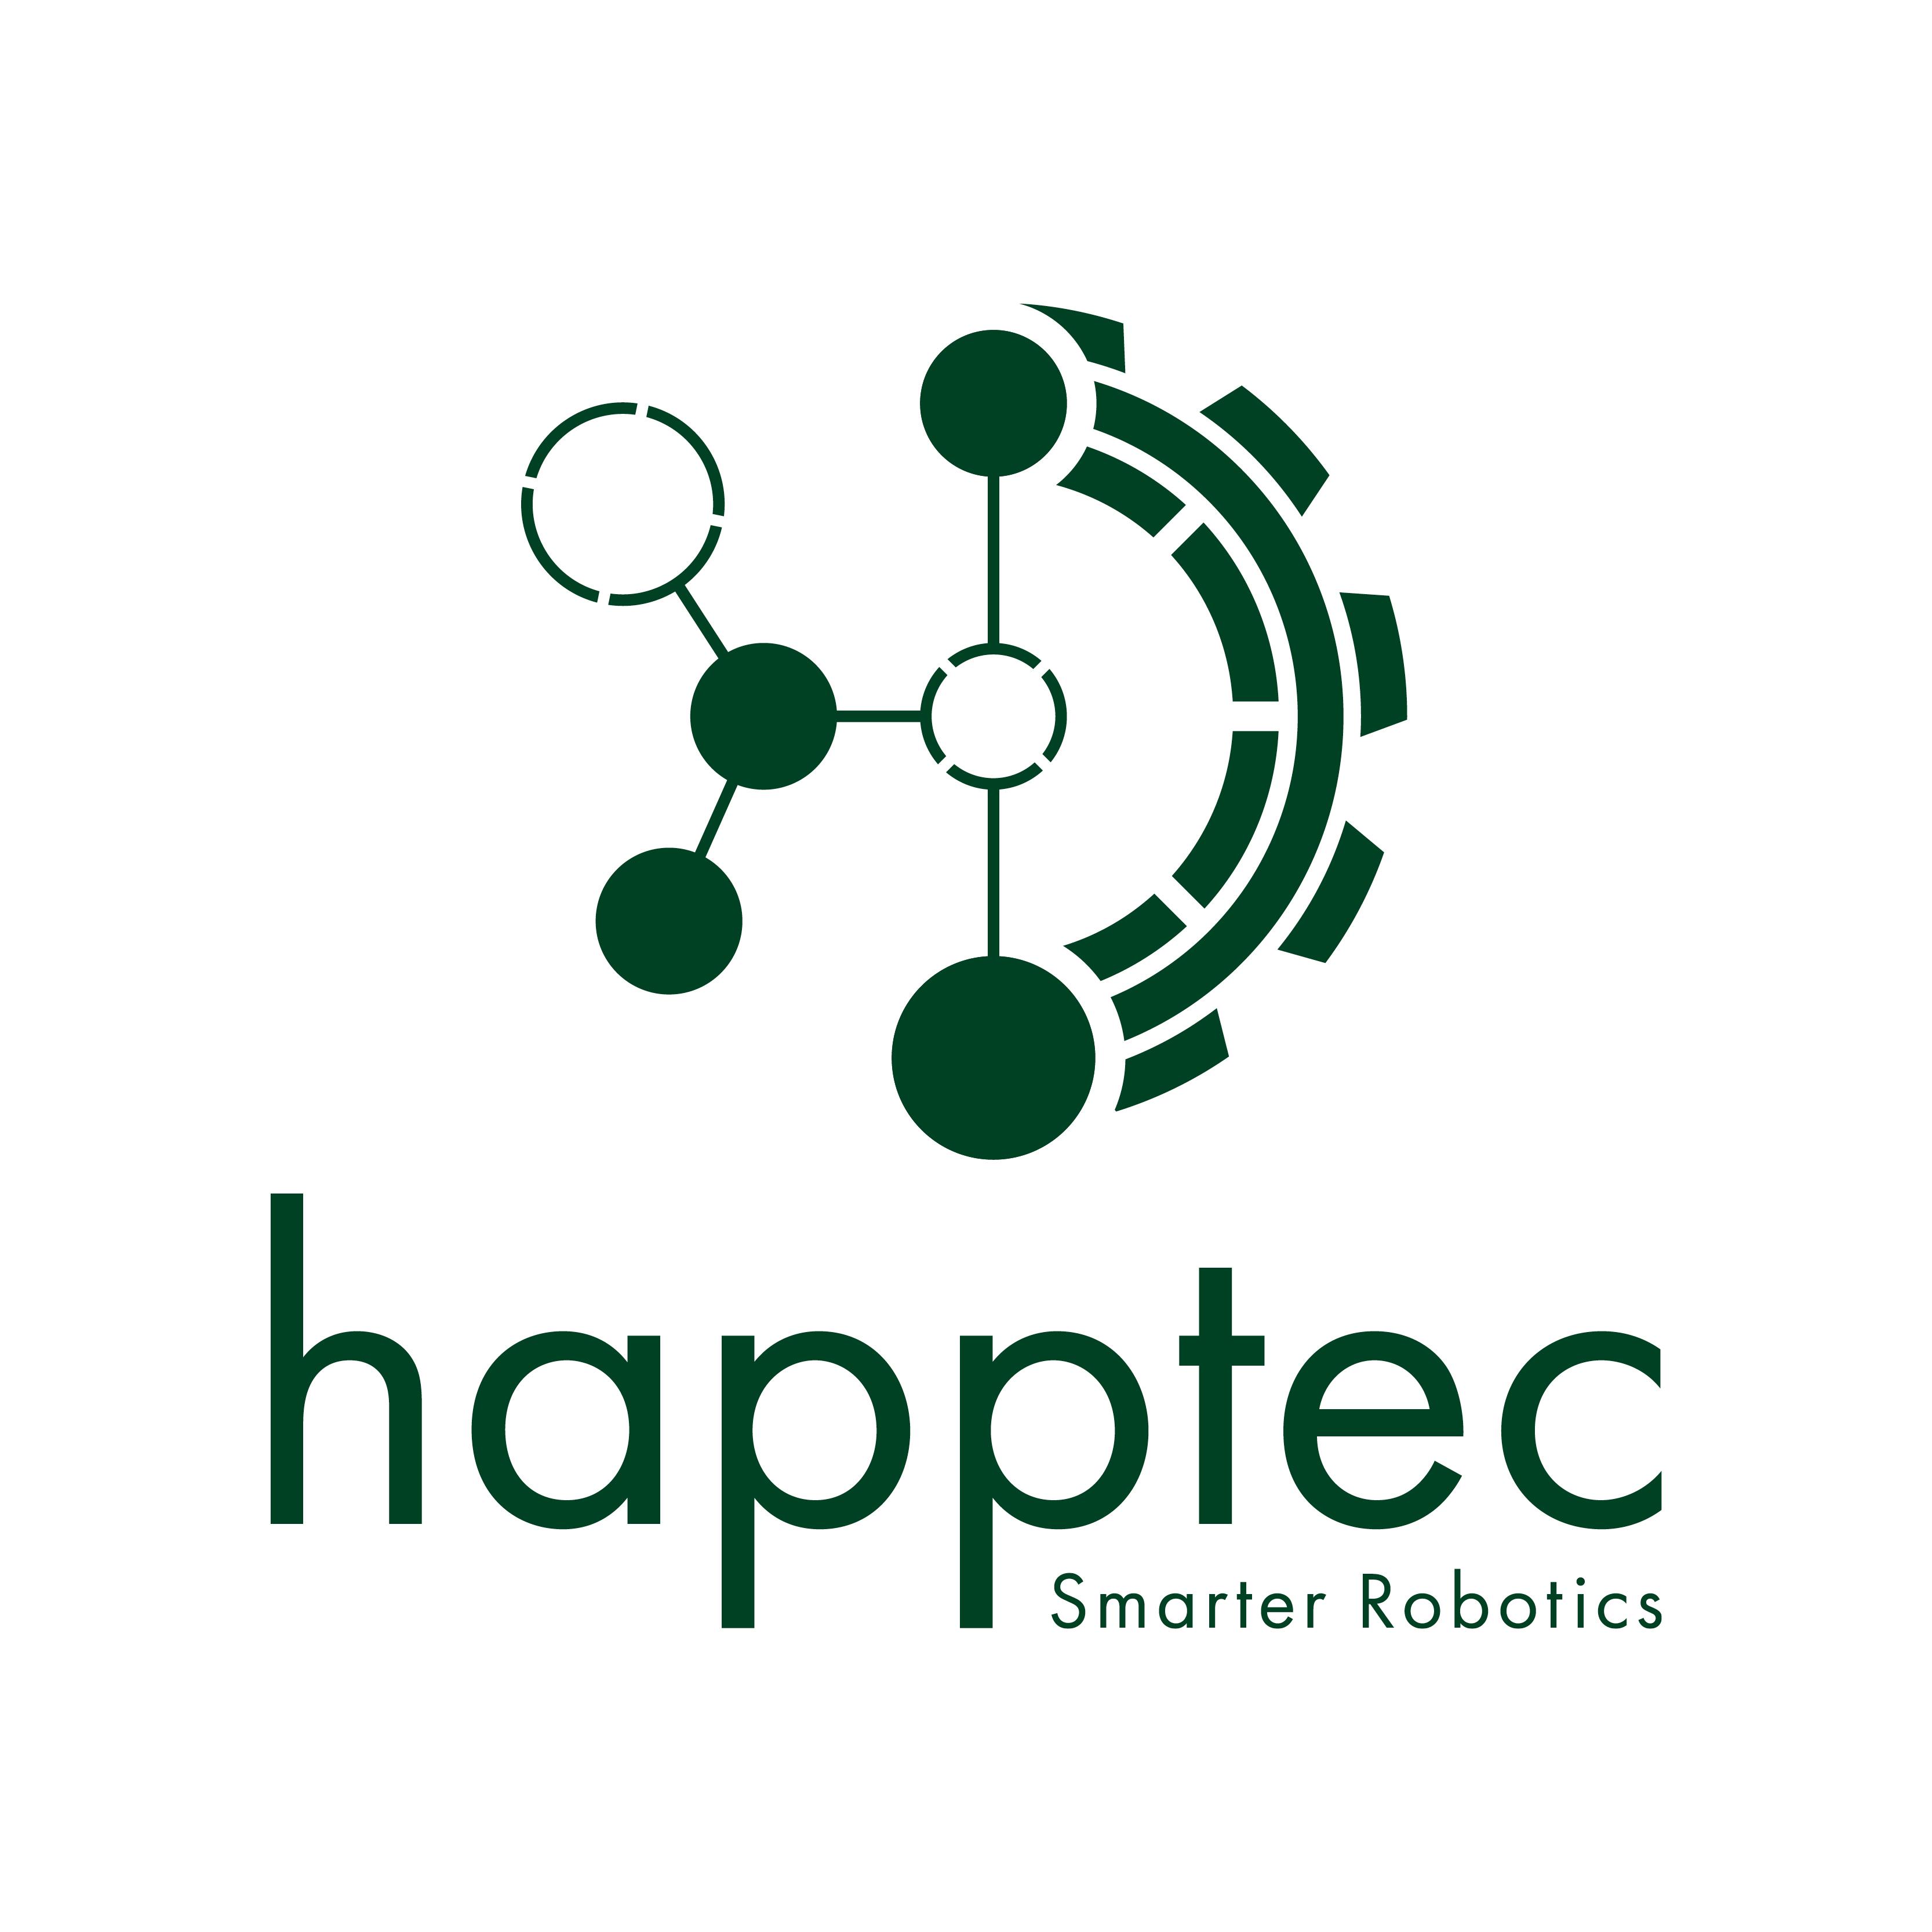 Unikt logo til din virksomhed - Lindstedt Graphic Design Studio - Happtec